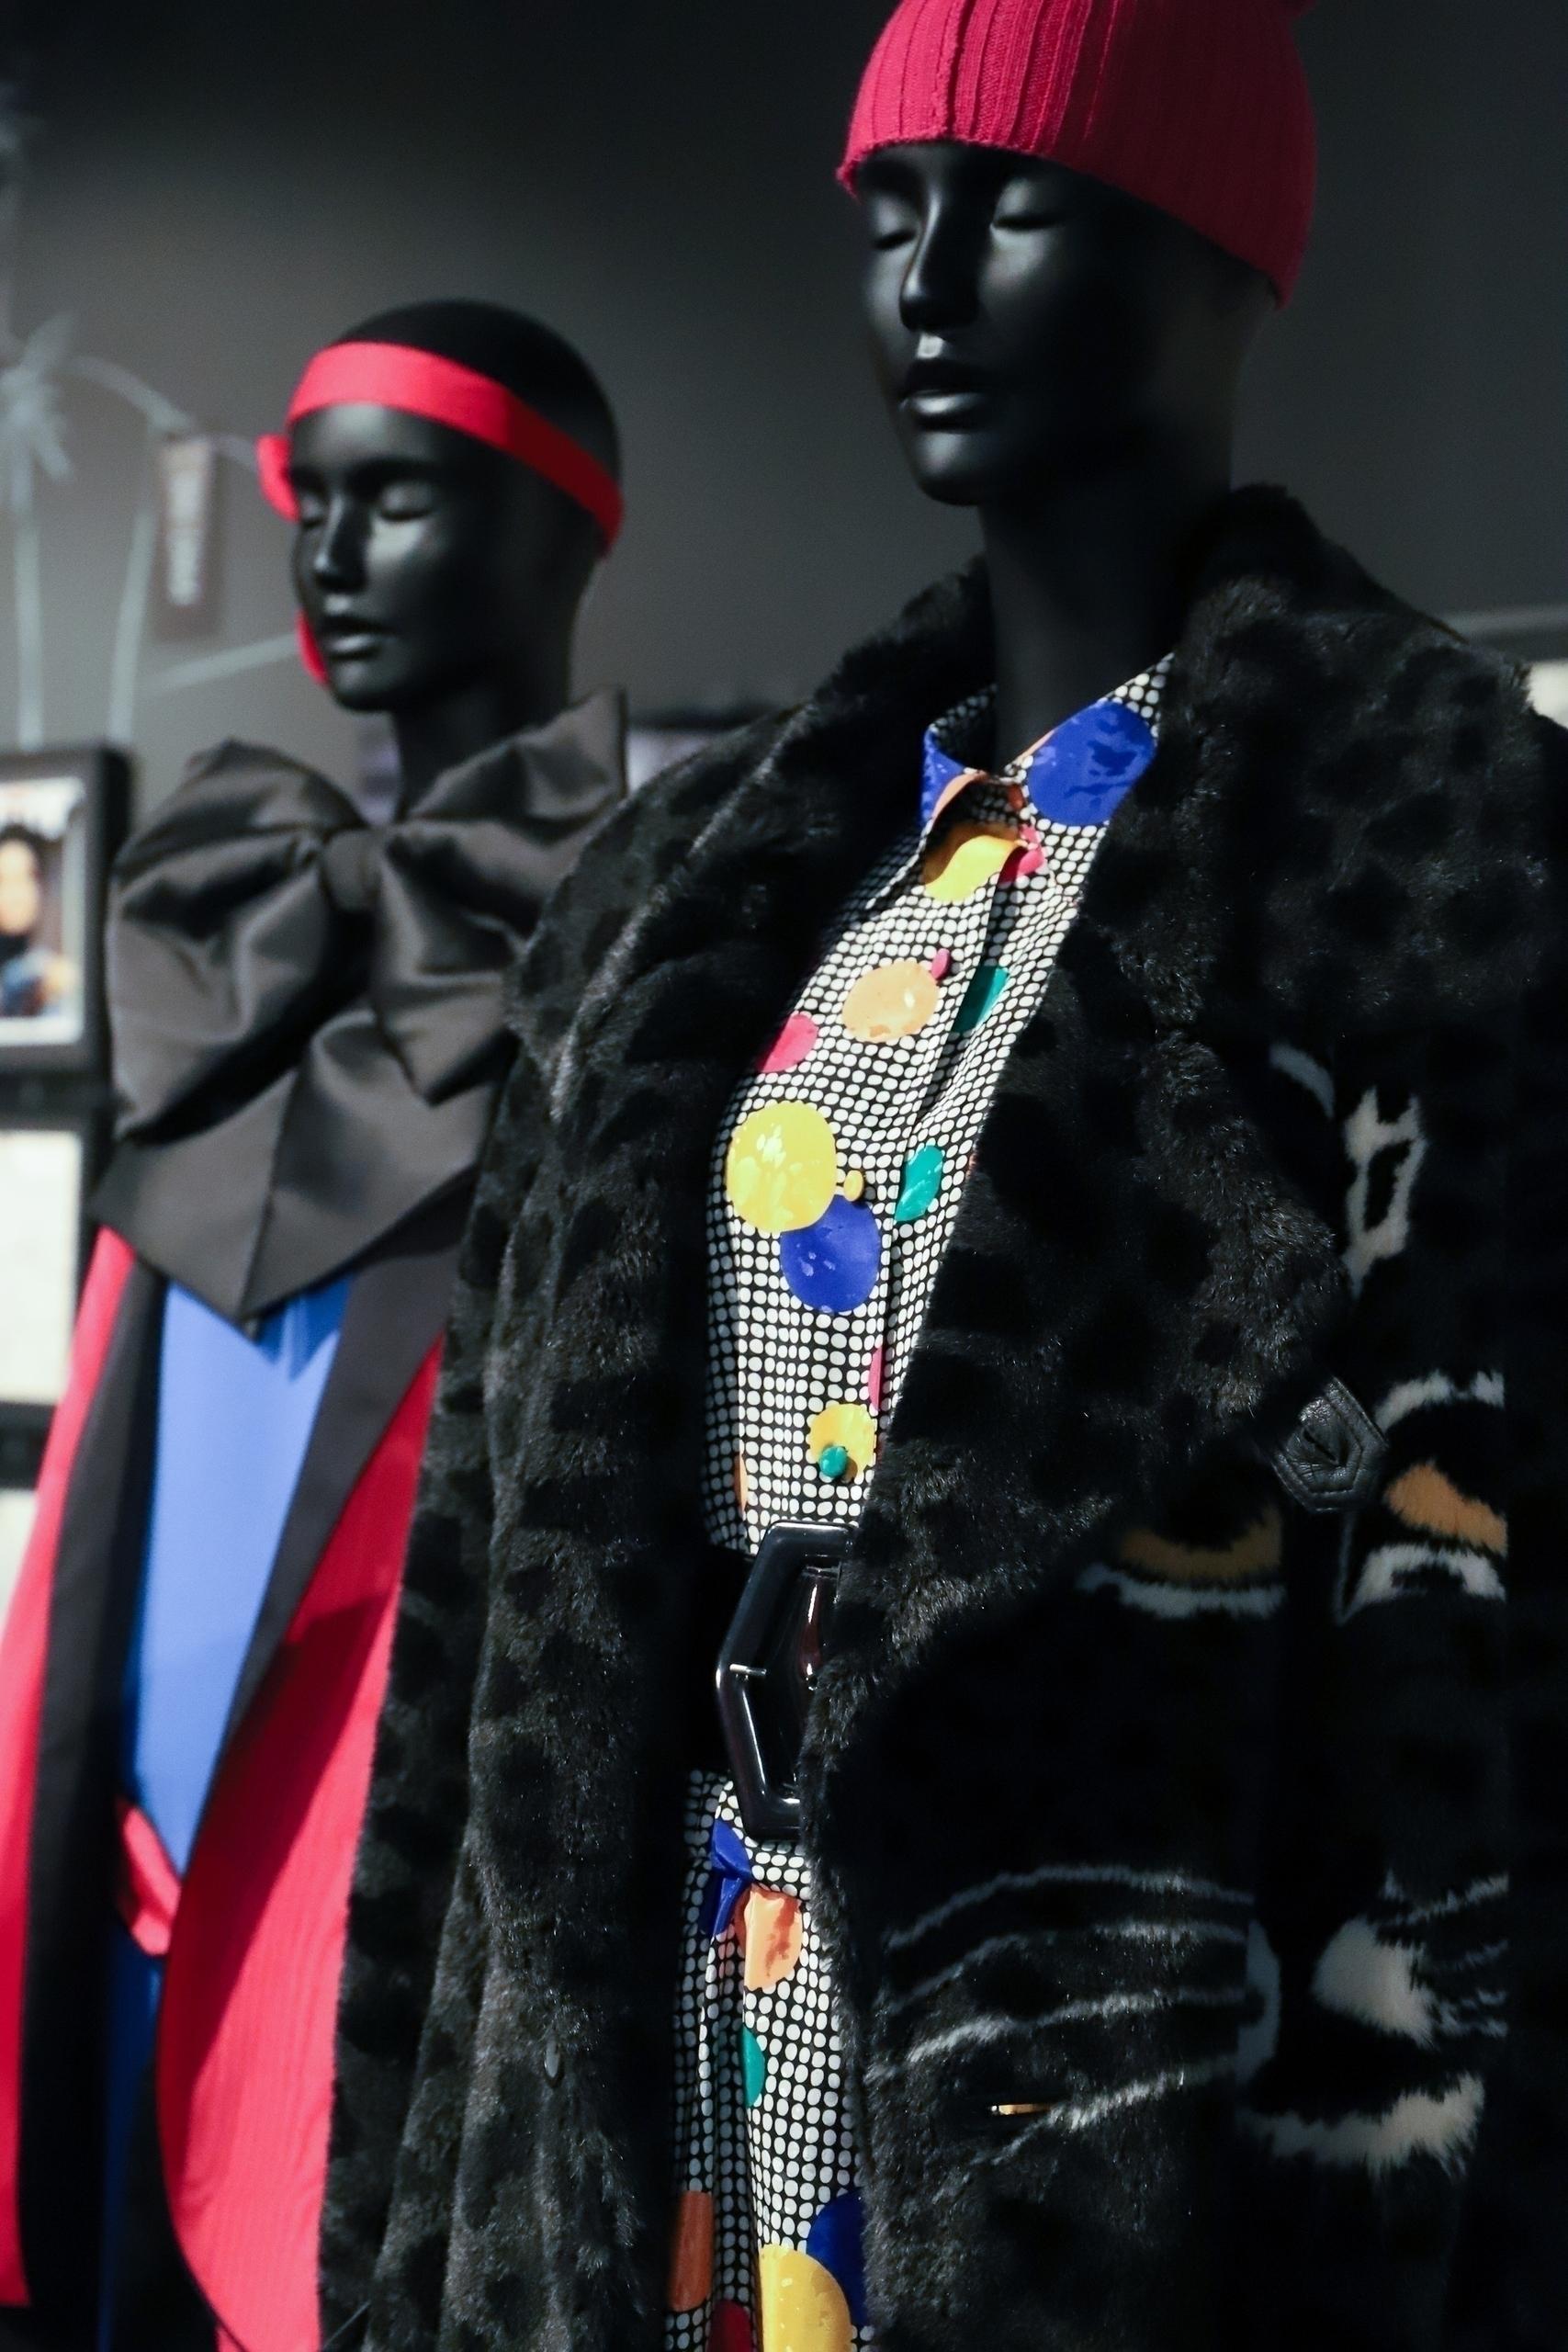 Zdjęcie przedstawia dwa czarne manekiny stojące obok siebie, manekiny ubrane są w kolorowe stroje.